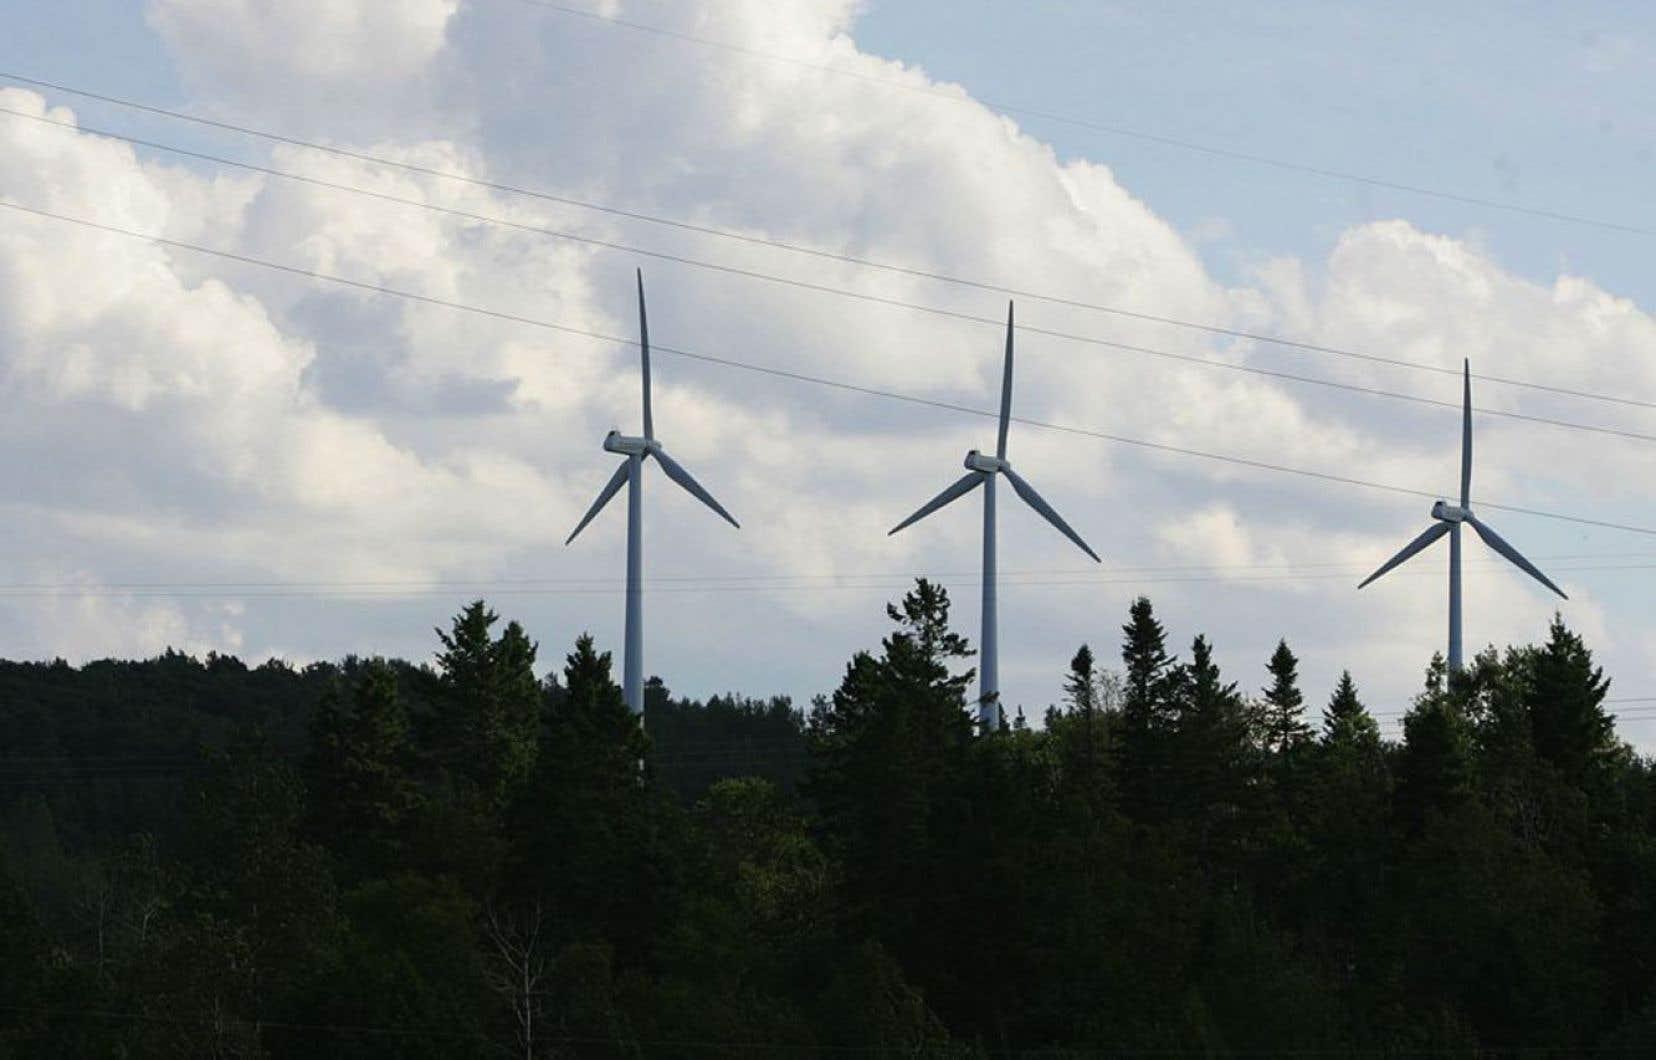 Depuis une décennie, la demande pour l'électricité québécoise a plafonné, voire baissé. Et elle se vend aujourd'hui beaucoup moins cher qu'il y a dix ans, souligne-t-on dans le rapport obtenu par <em>Le Devoir.</em>